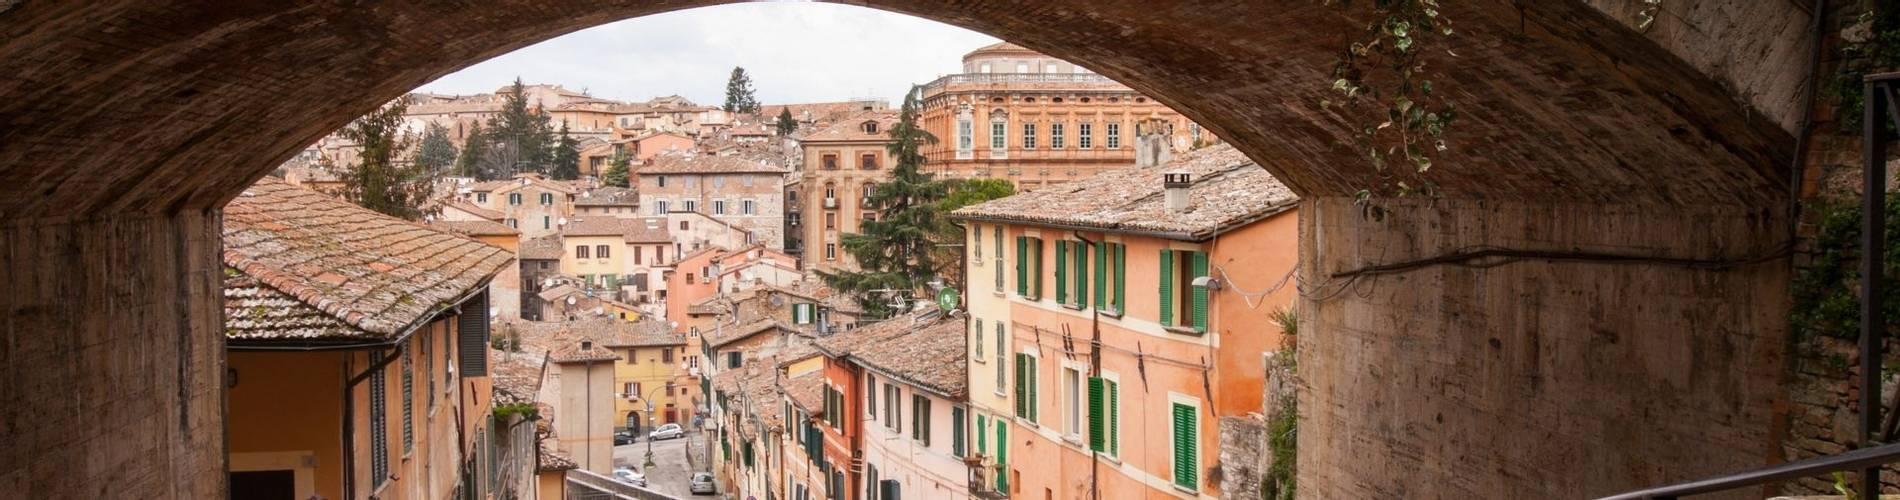 Perugia, Umbria.jpg